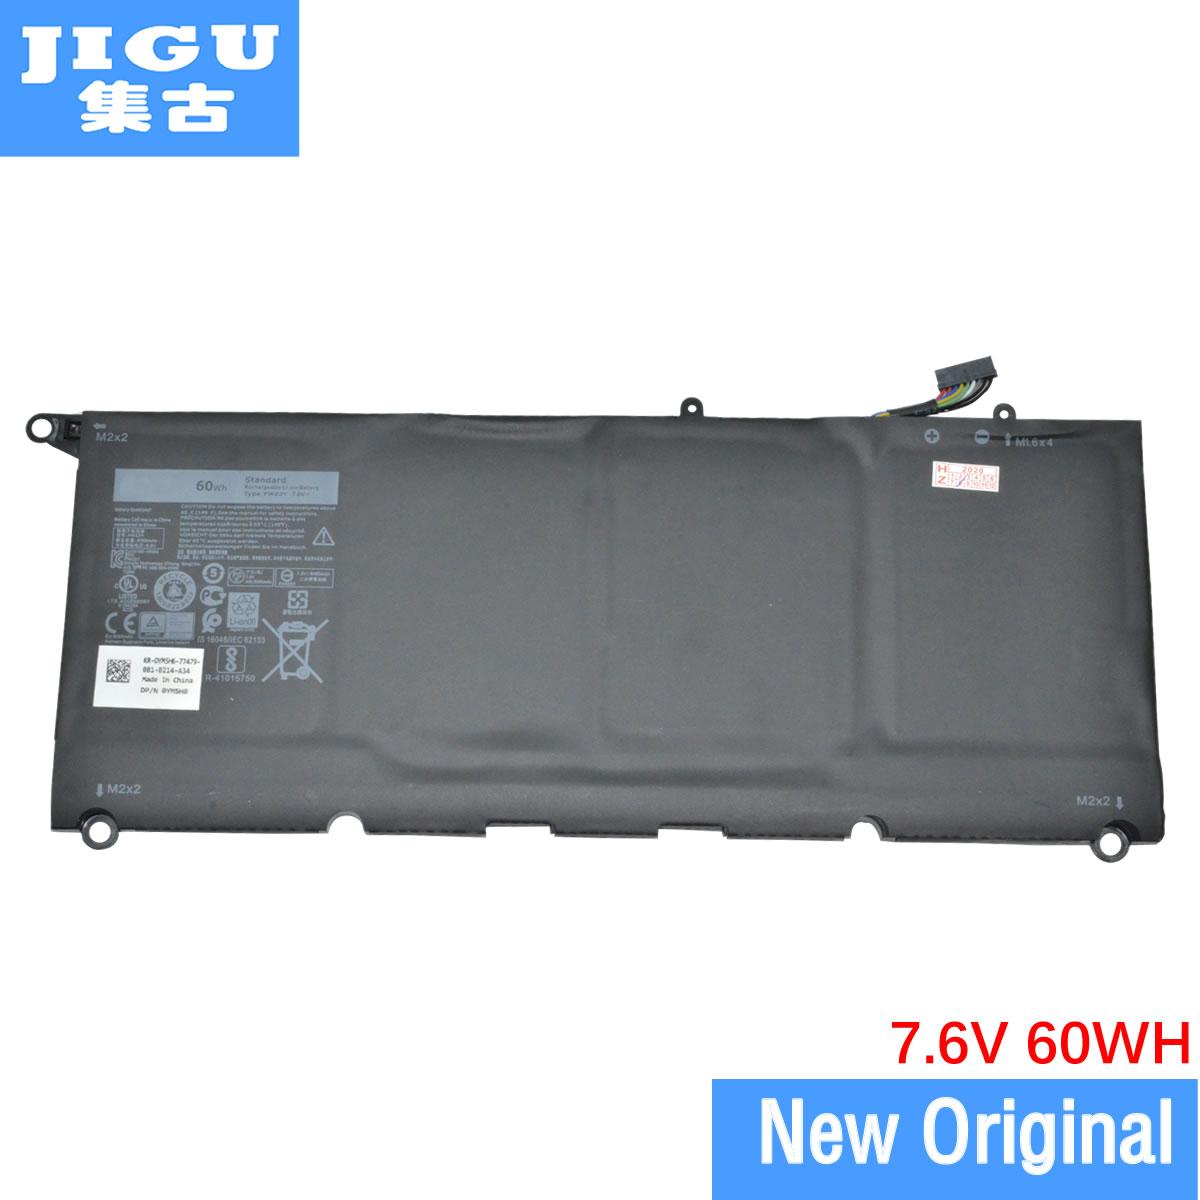 JIGU الأصلي اللوحي بطارية PW23Y TP1GT RNP72 لديل XPS 13 9360 D1505 D1505G D1605T 7.6V 60WH